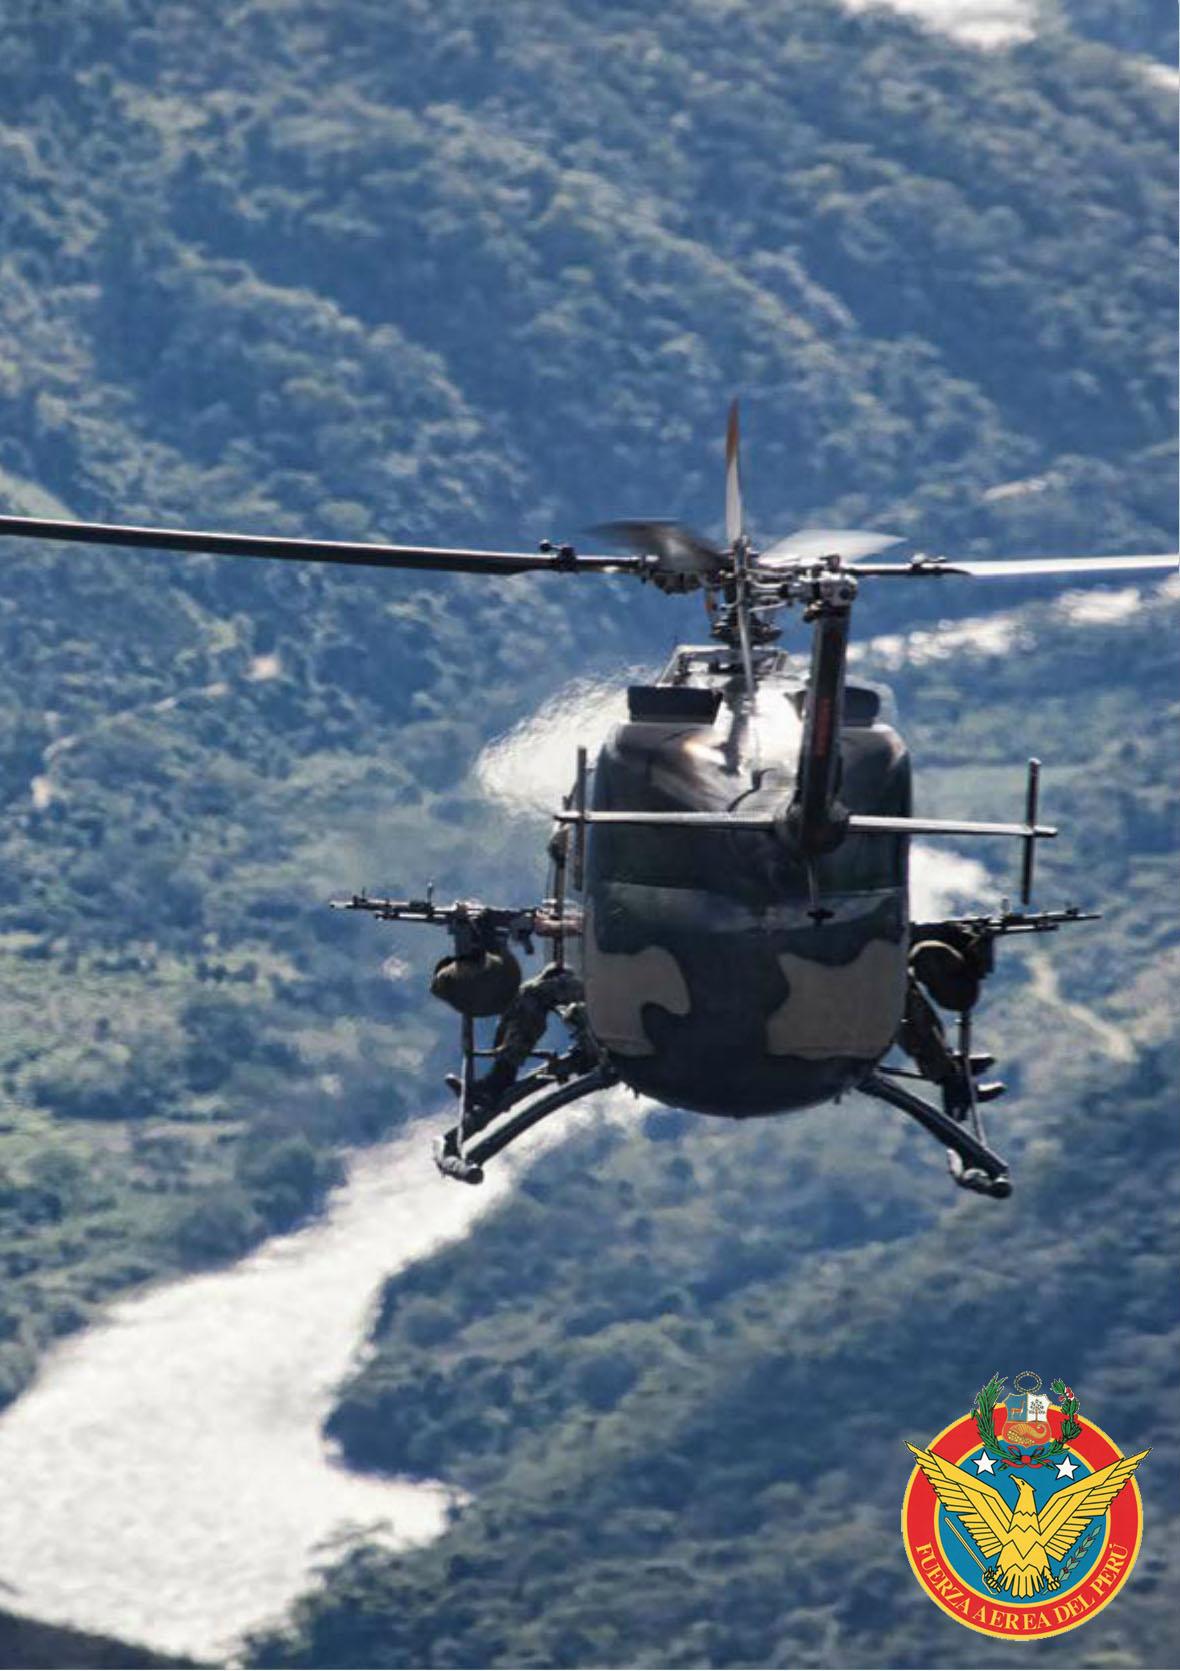 Peru 1_Helicoptero_artillado_FAP_2_copia